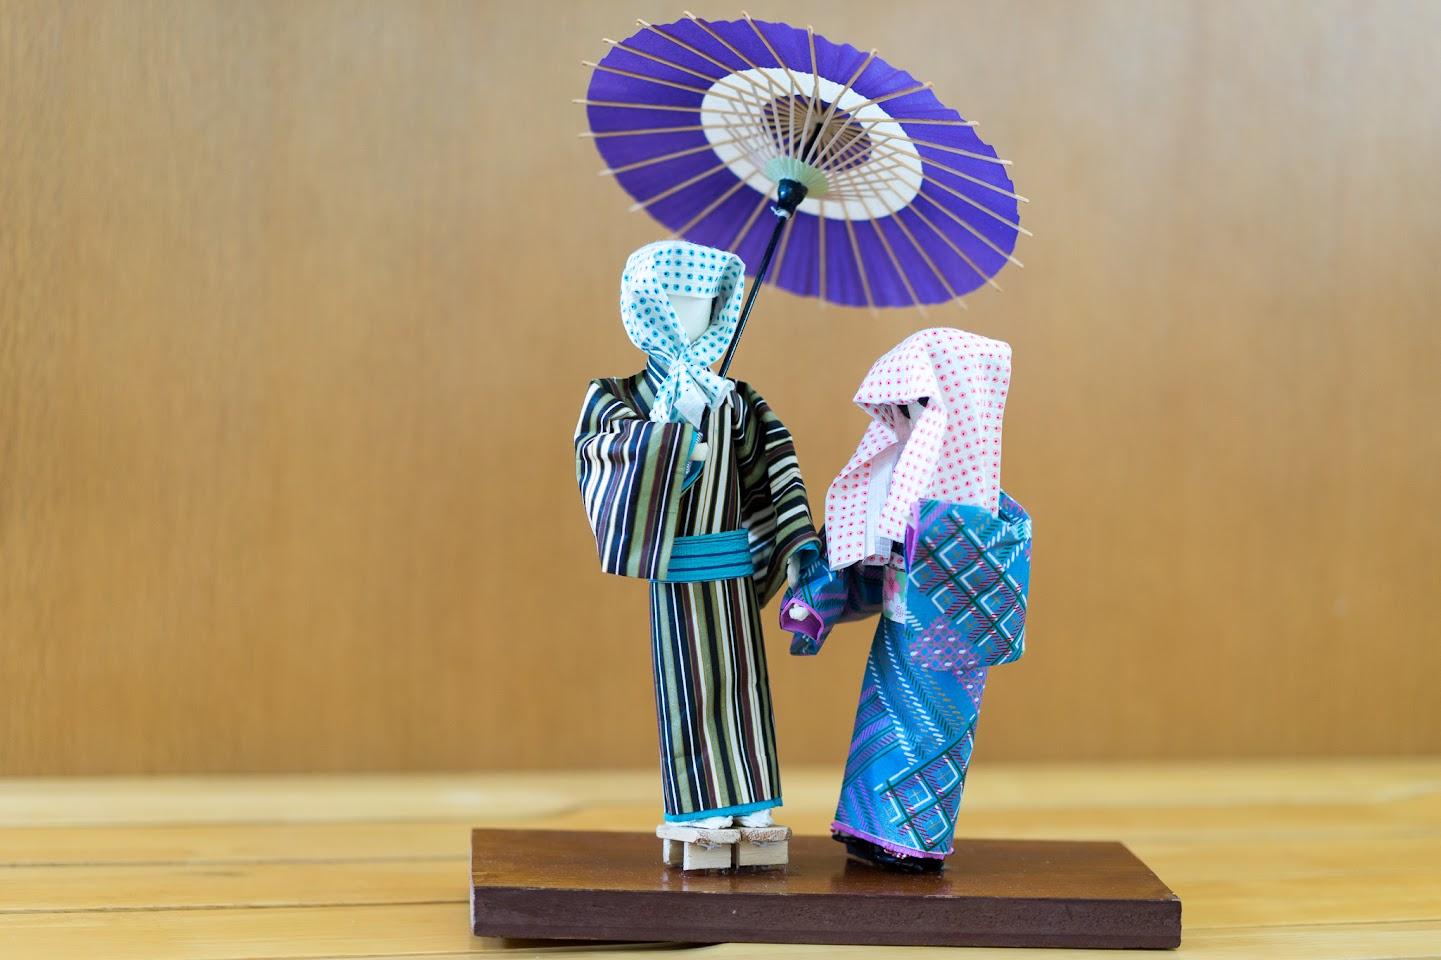 川本富美子さんの和紙人形は、「矢切の渡し」